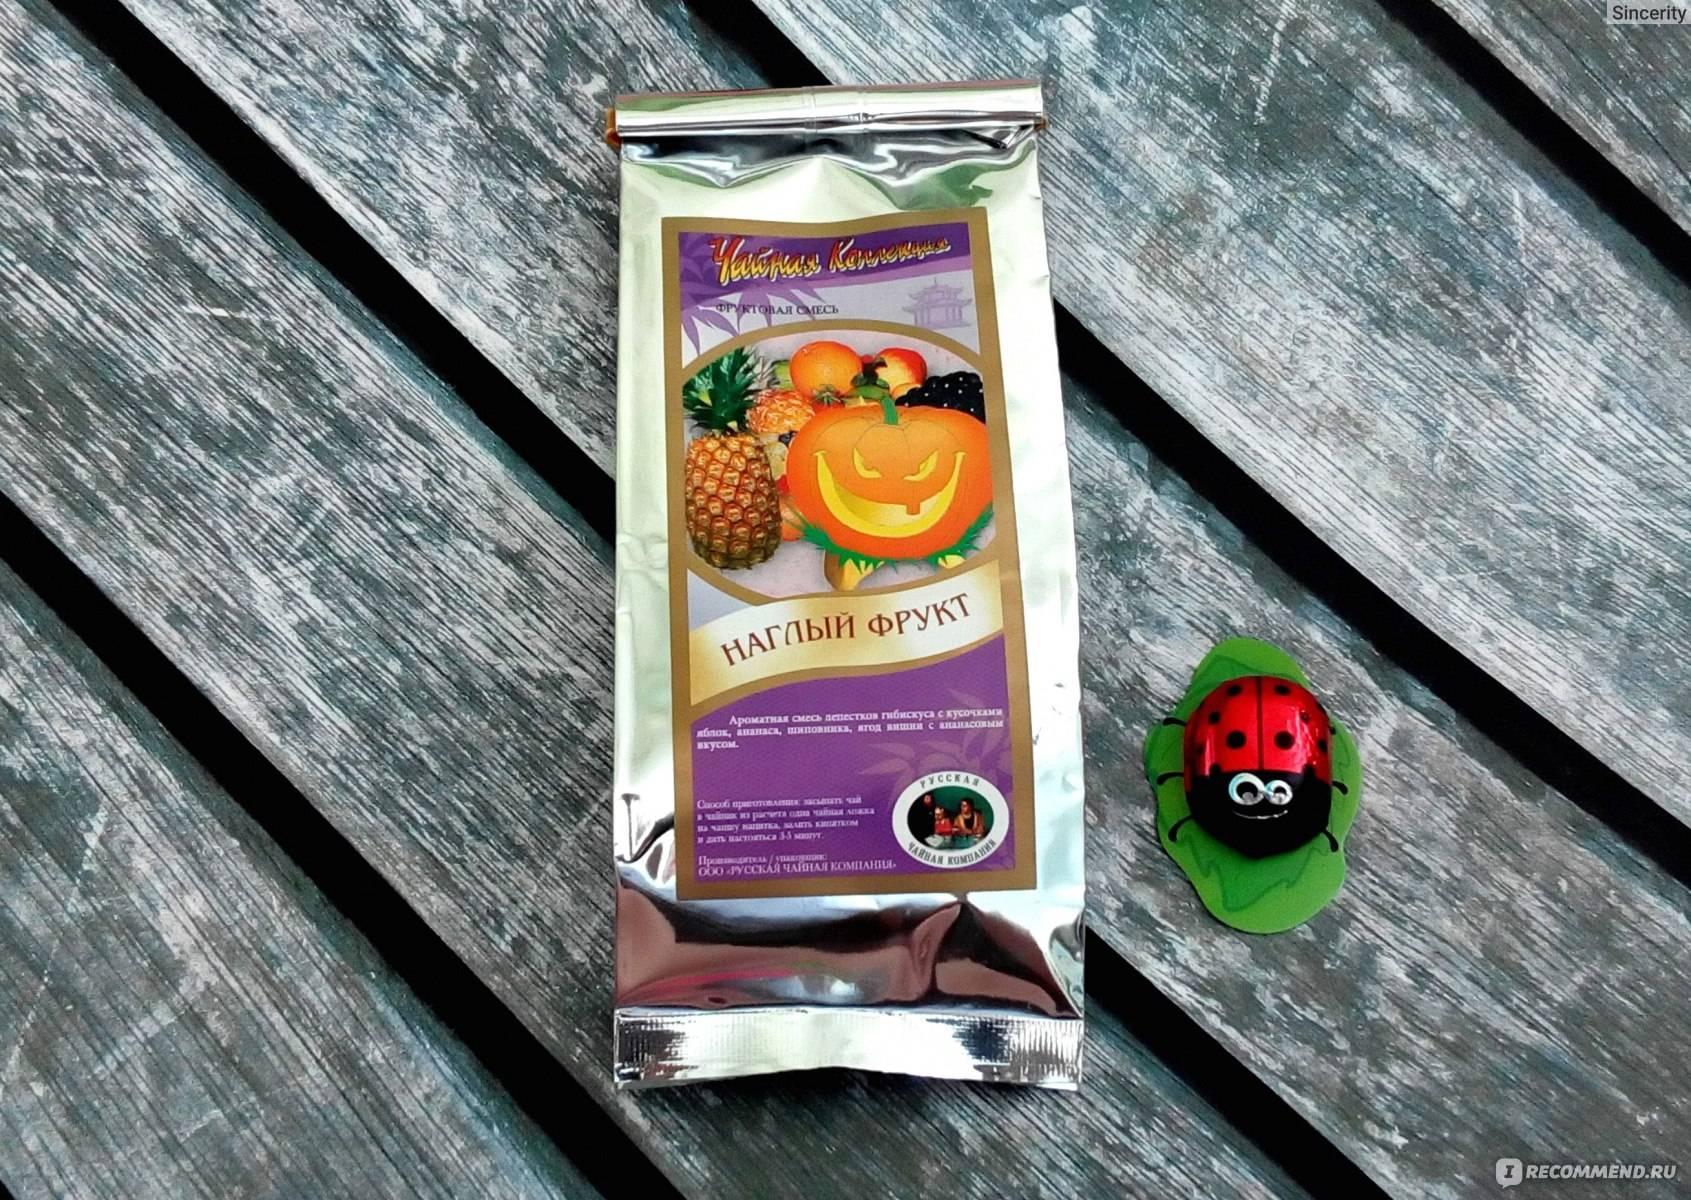 Чай нахальный фрукт: состав, описание, рецепт приготовления